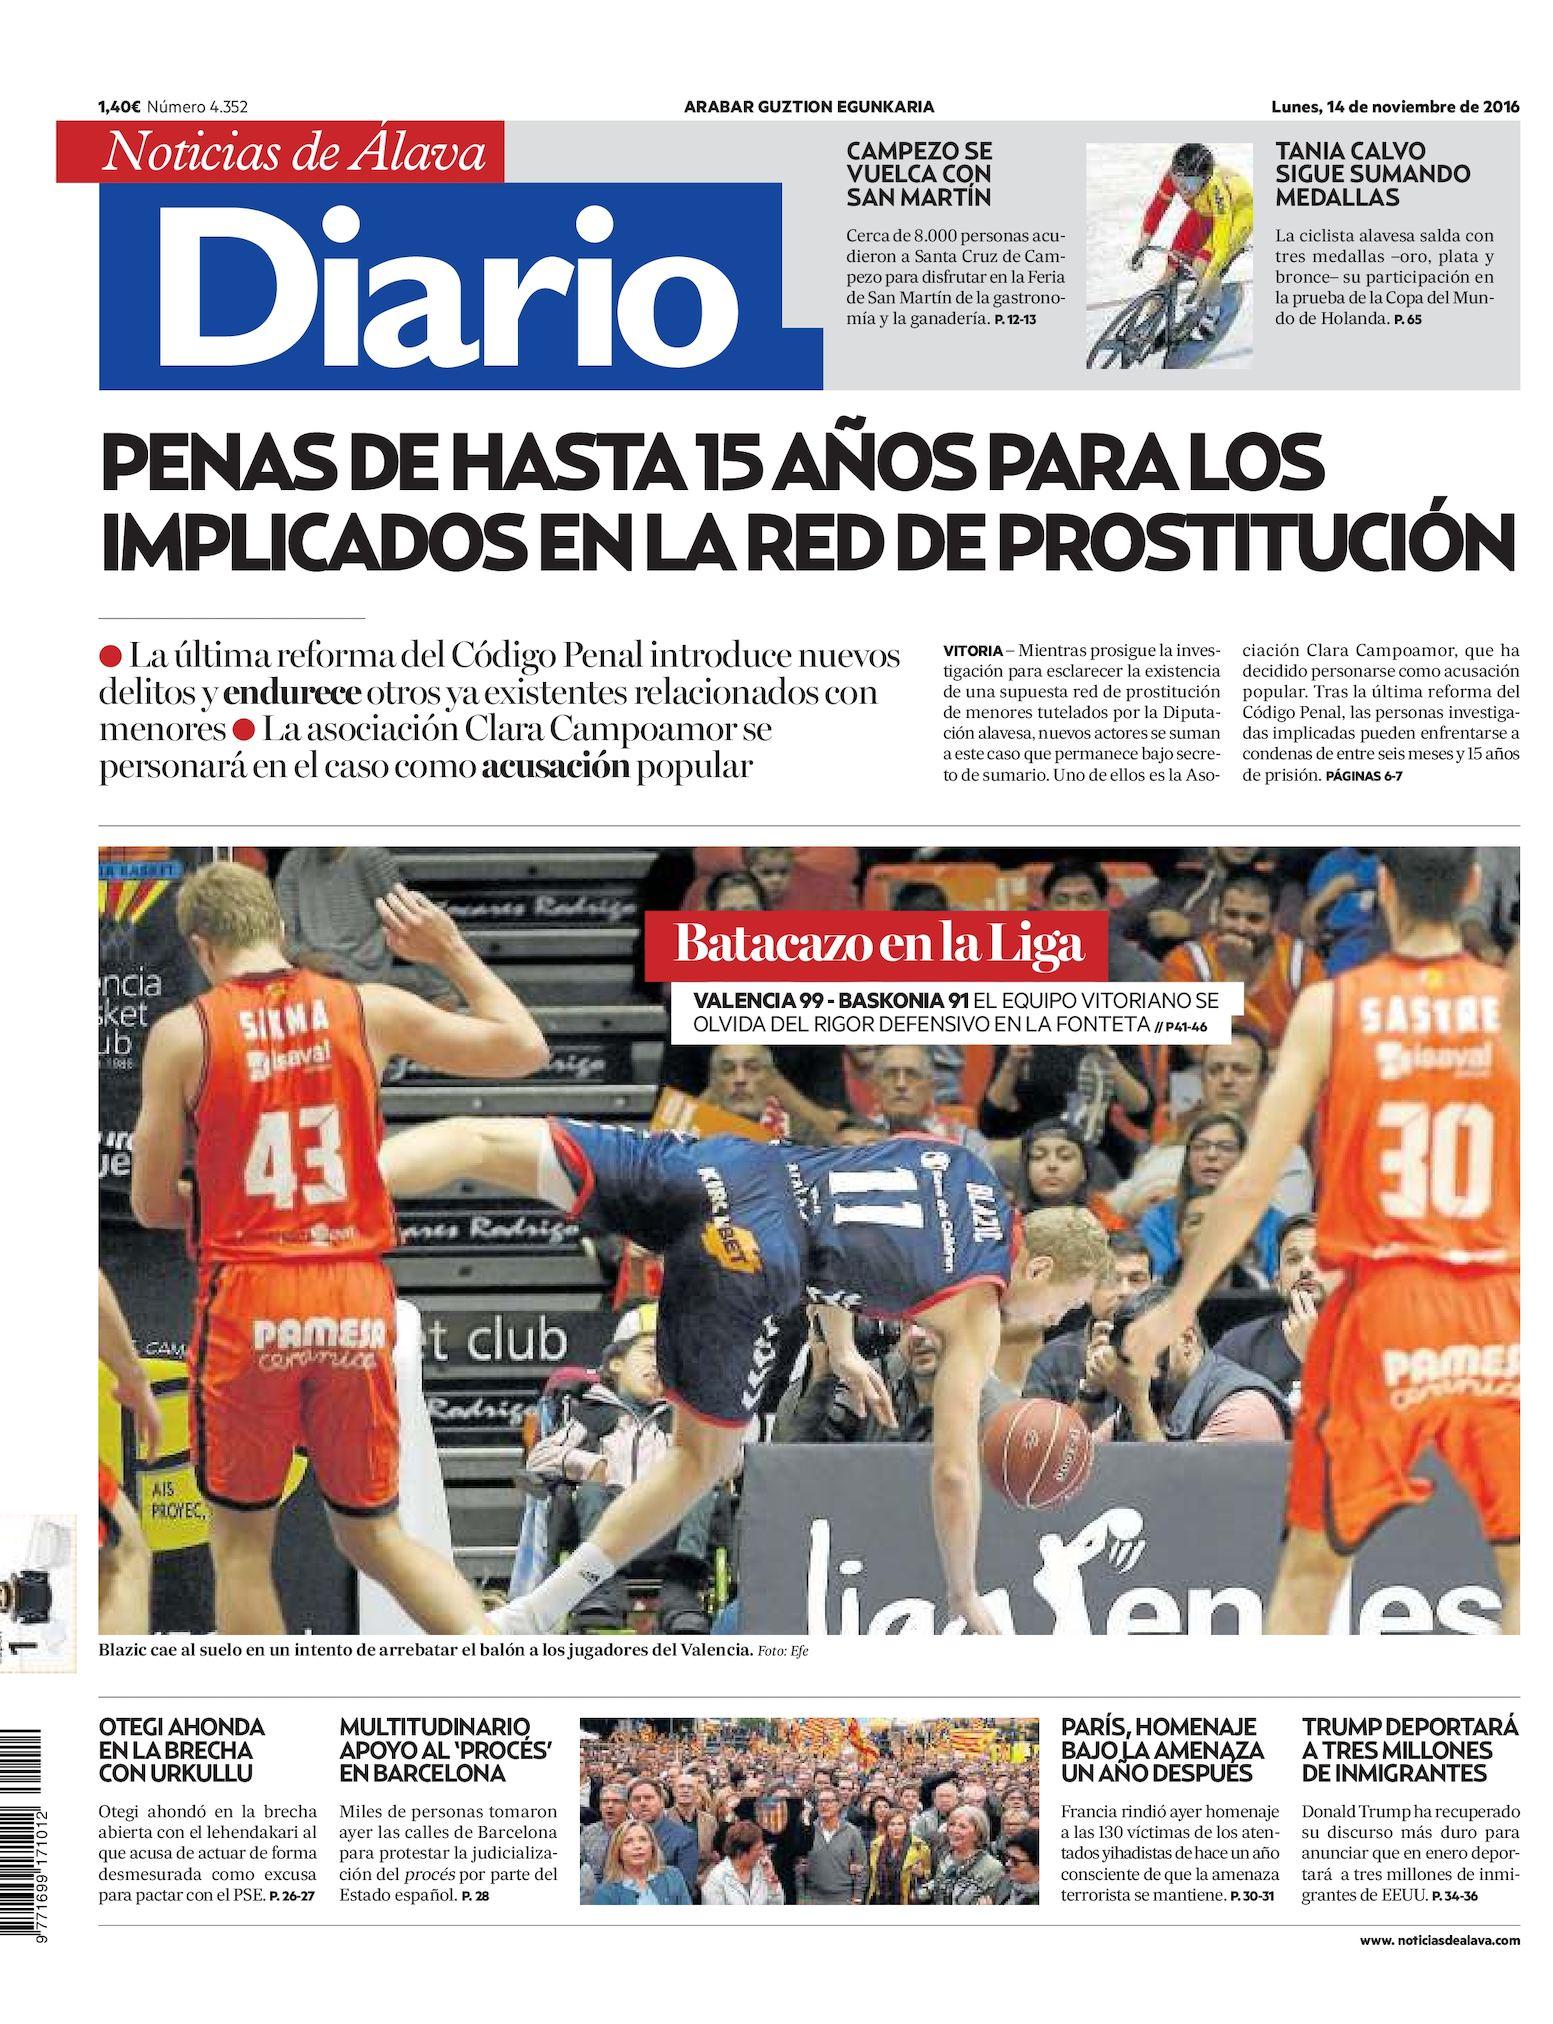 Calaméo - Diario de Noticias de Álava 20161114 ef7cfecc5a6